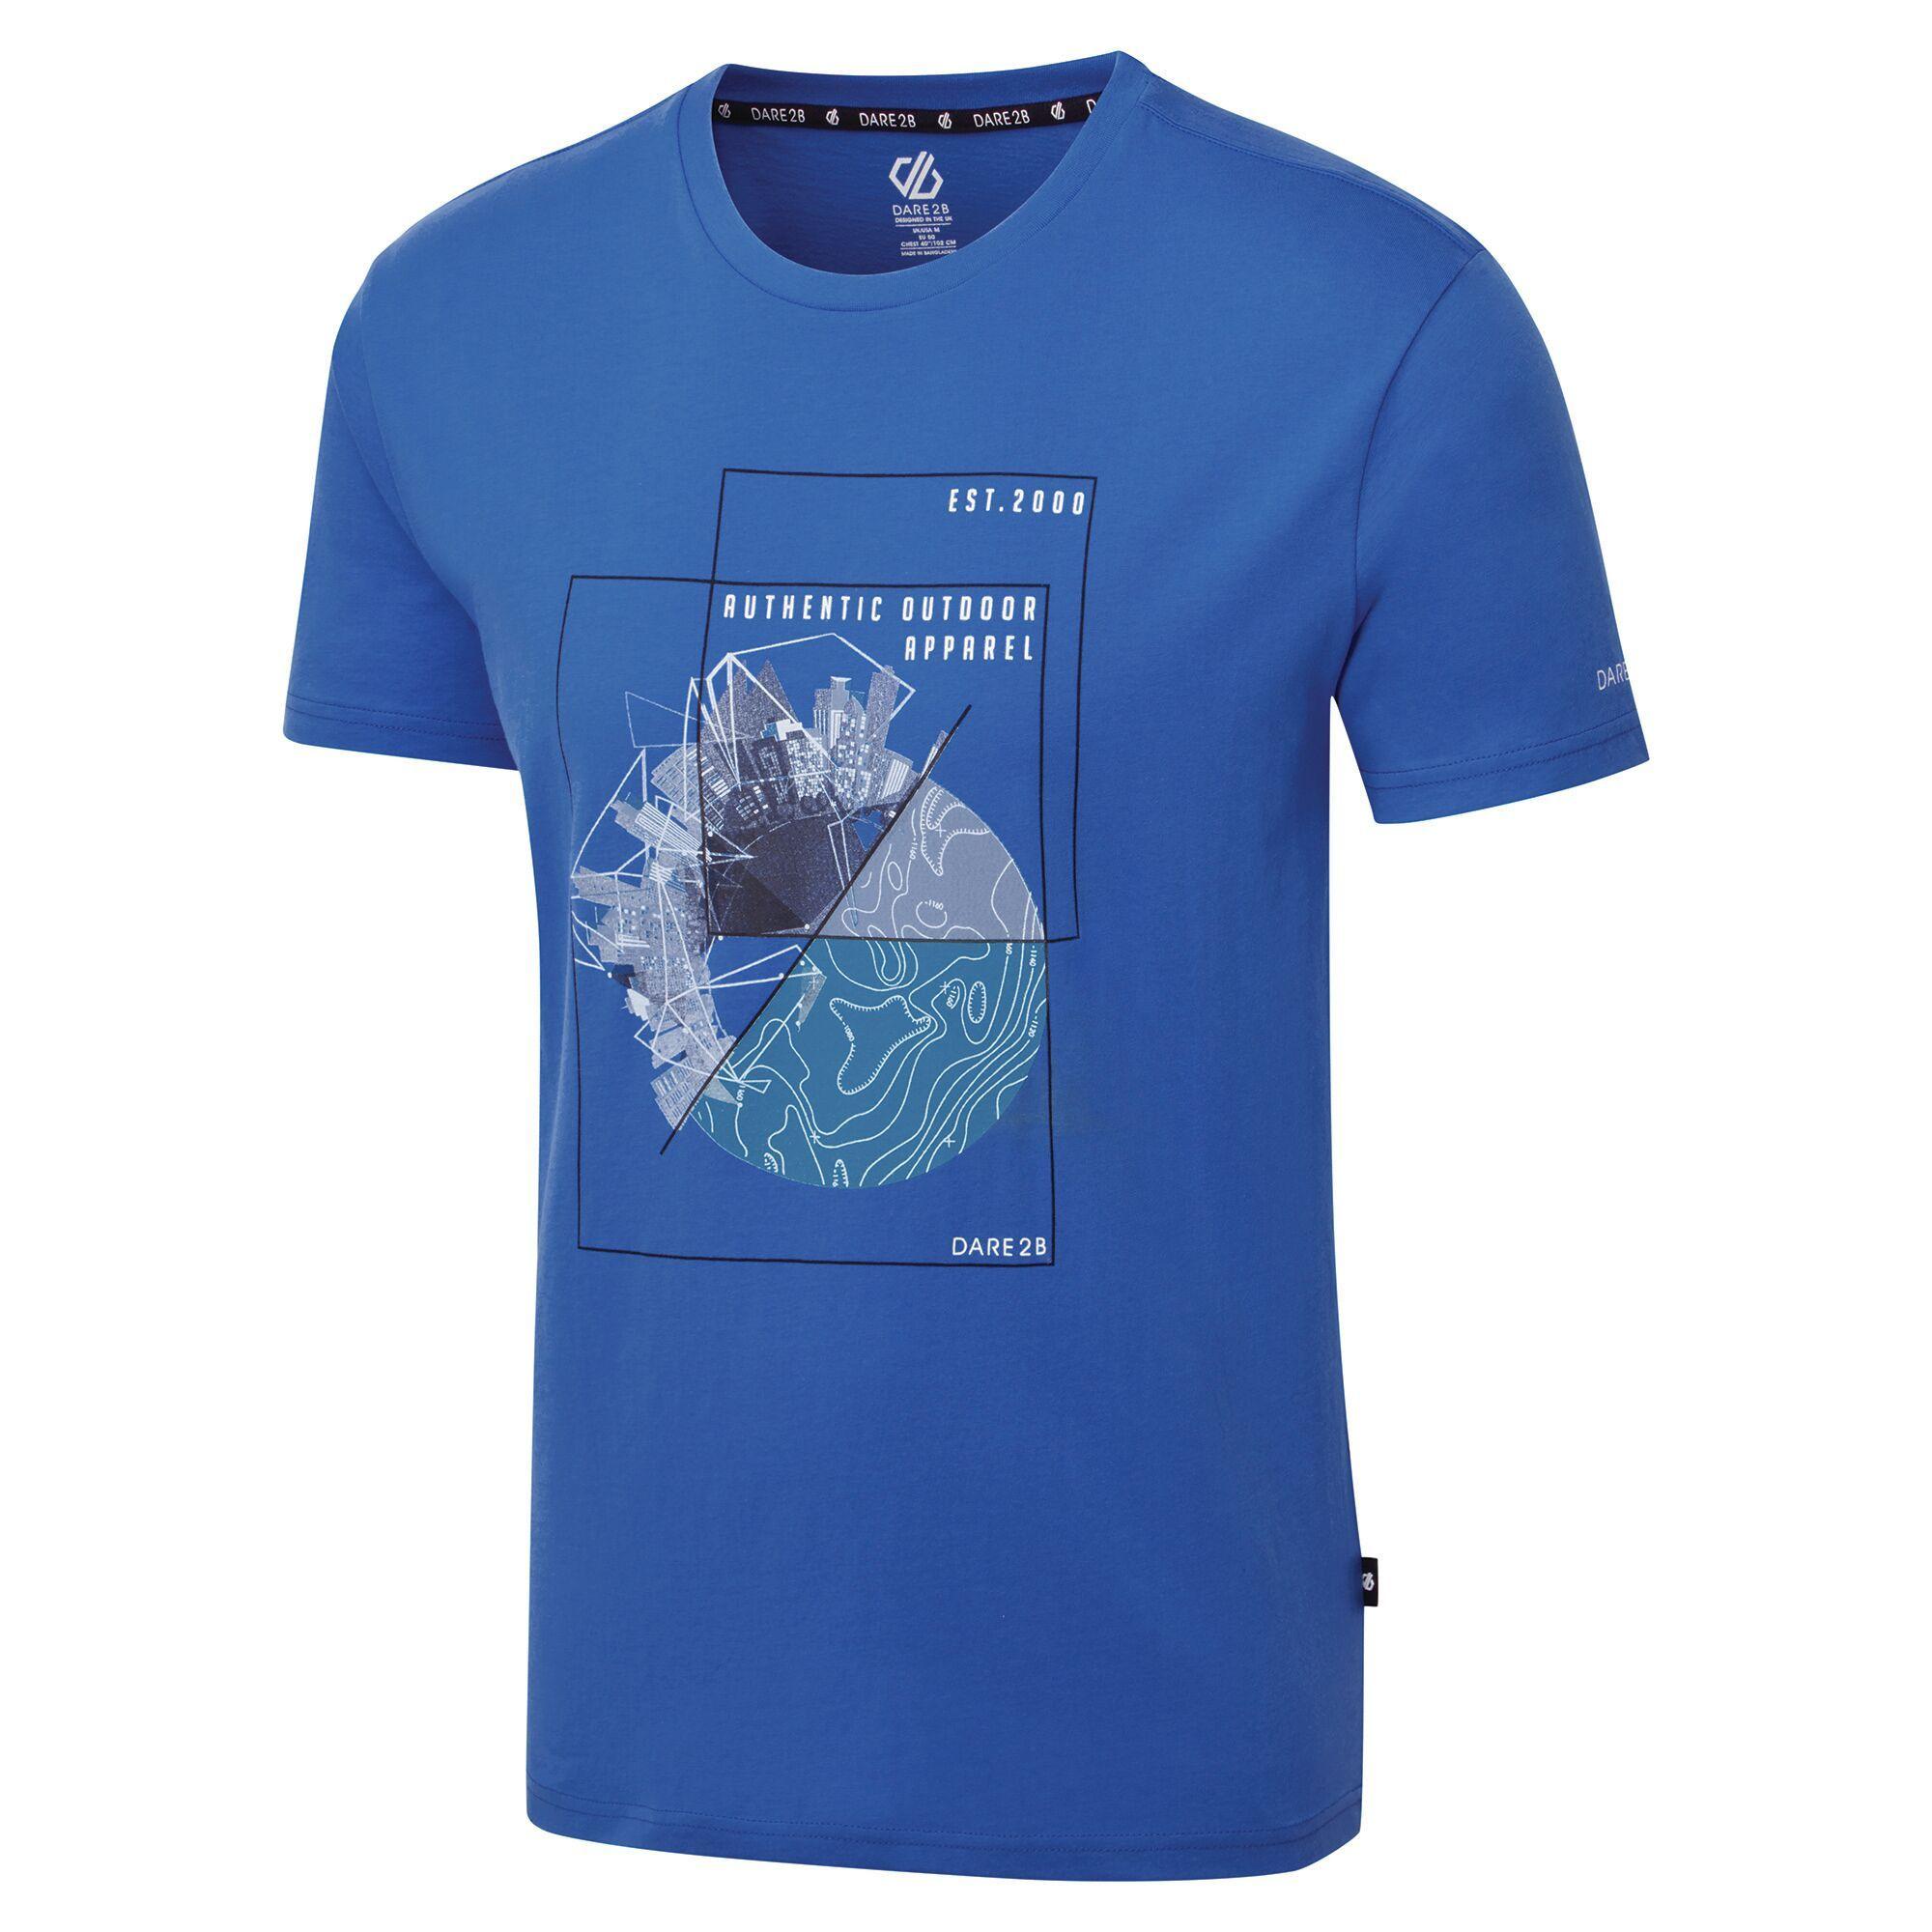 miniature 9 - Dare 2B - T-shirt imprimé STRINGENT - Homme (RG5022)